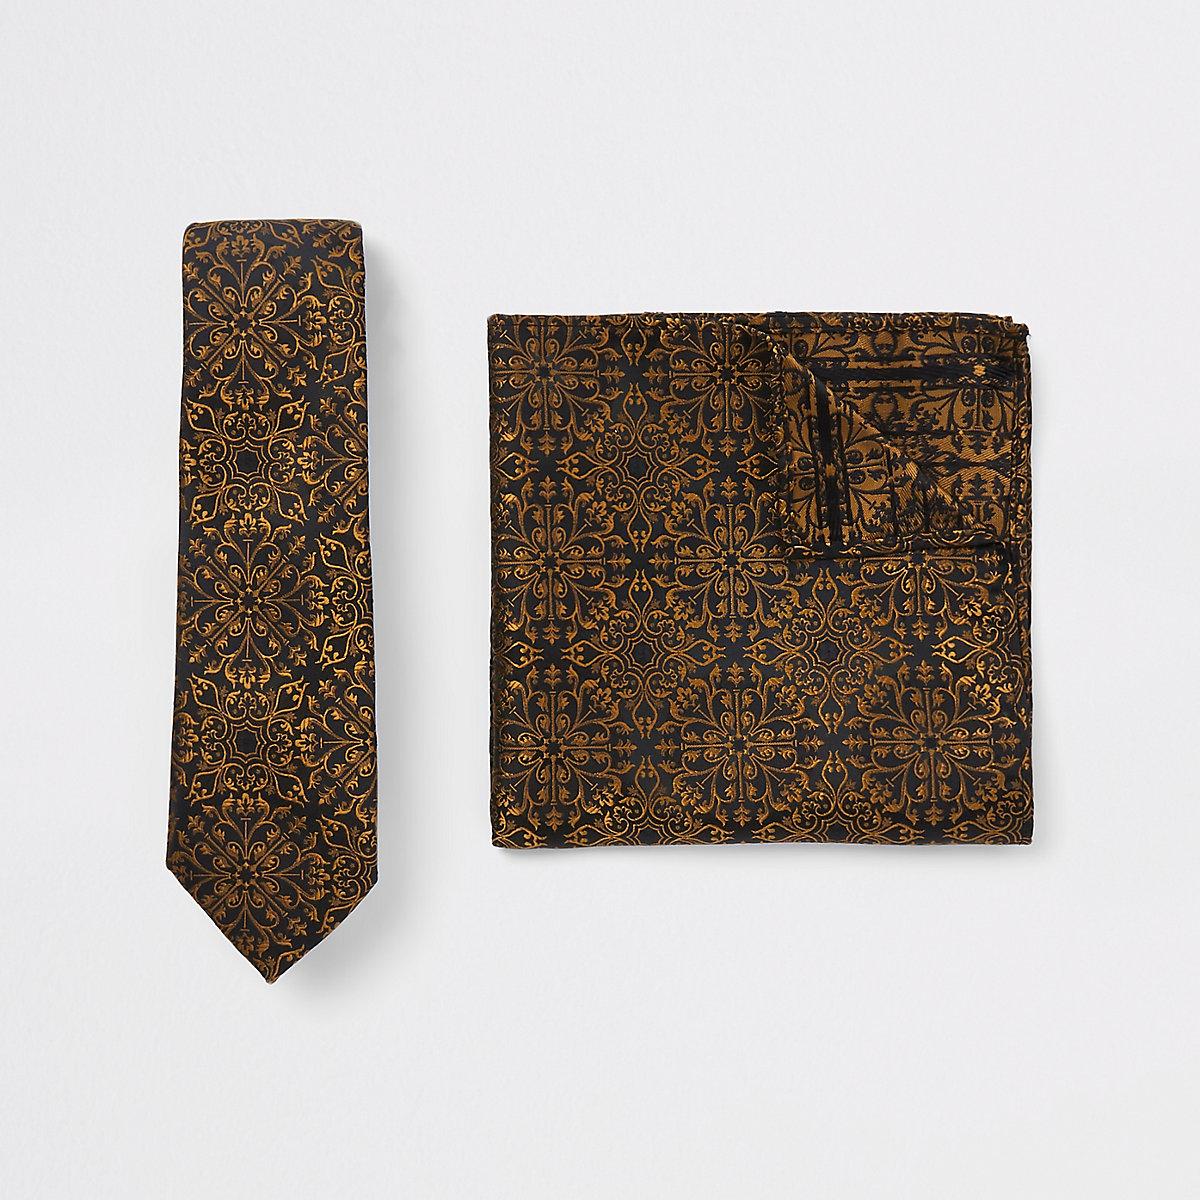 Black baroque print tie and handkerchief set